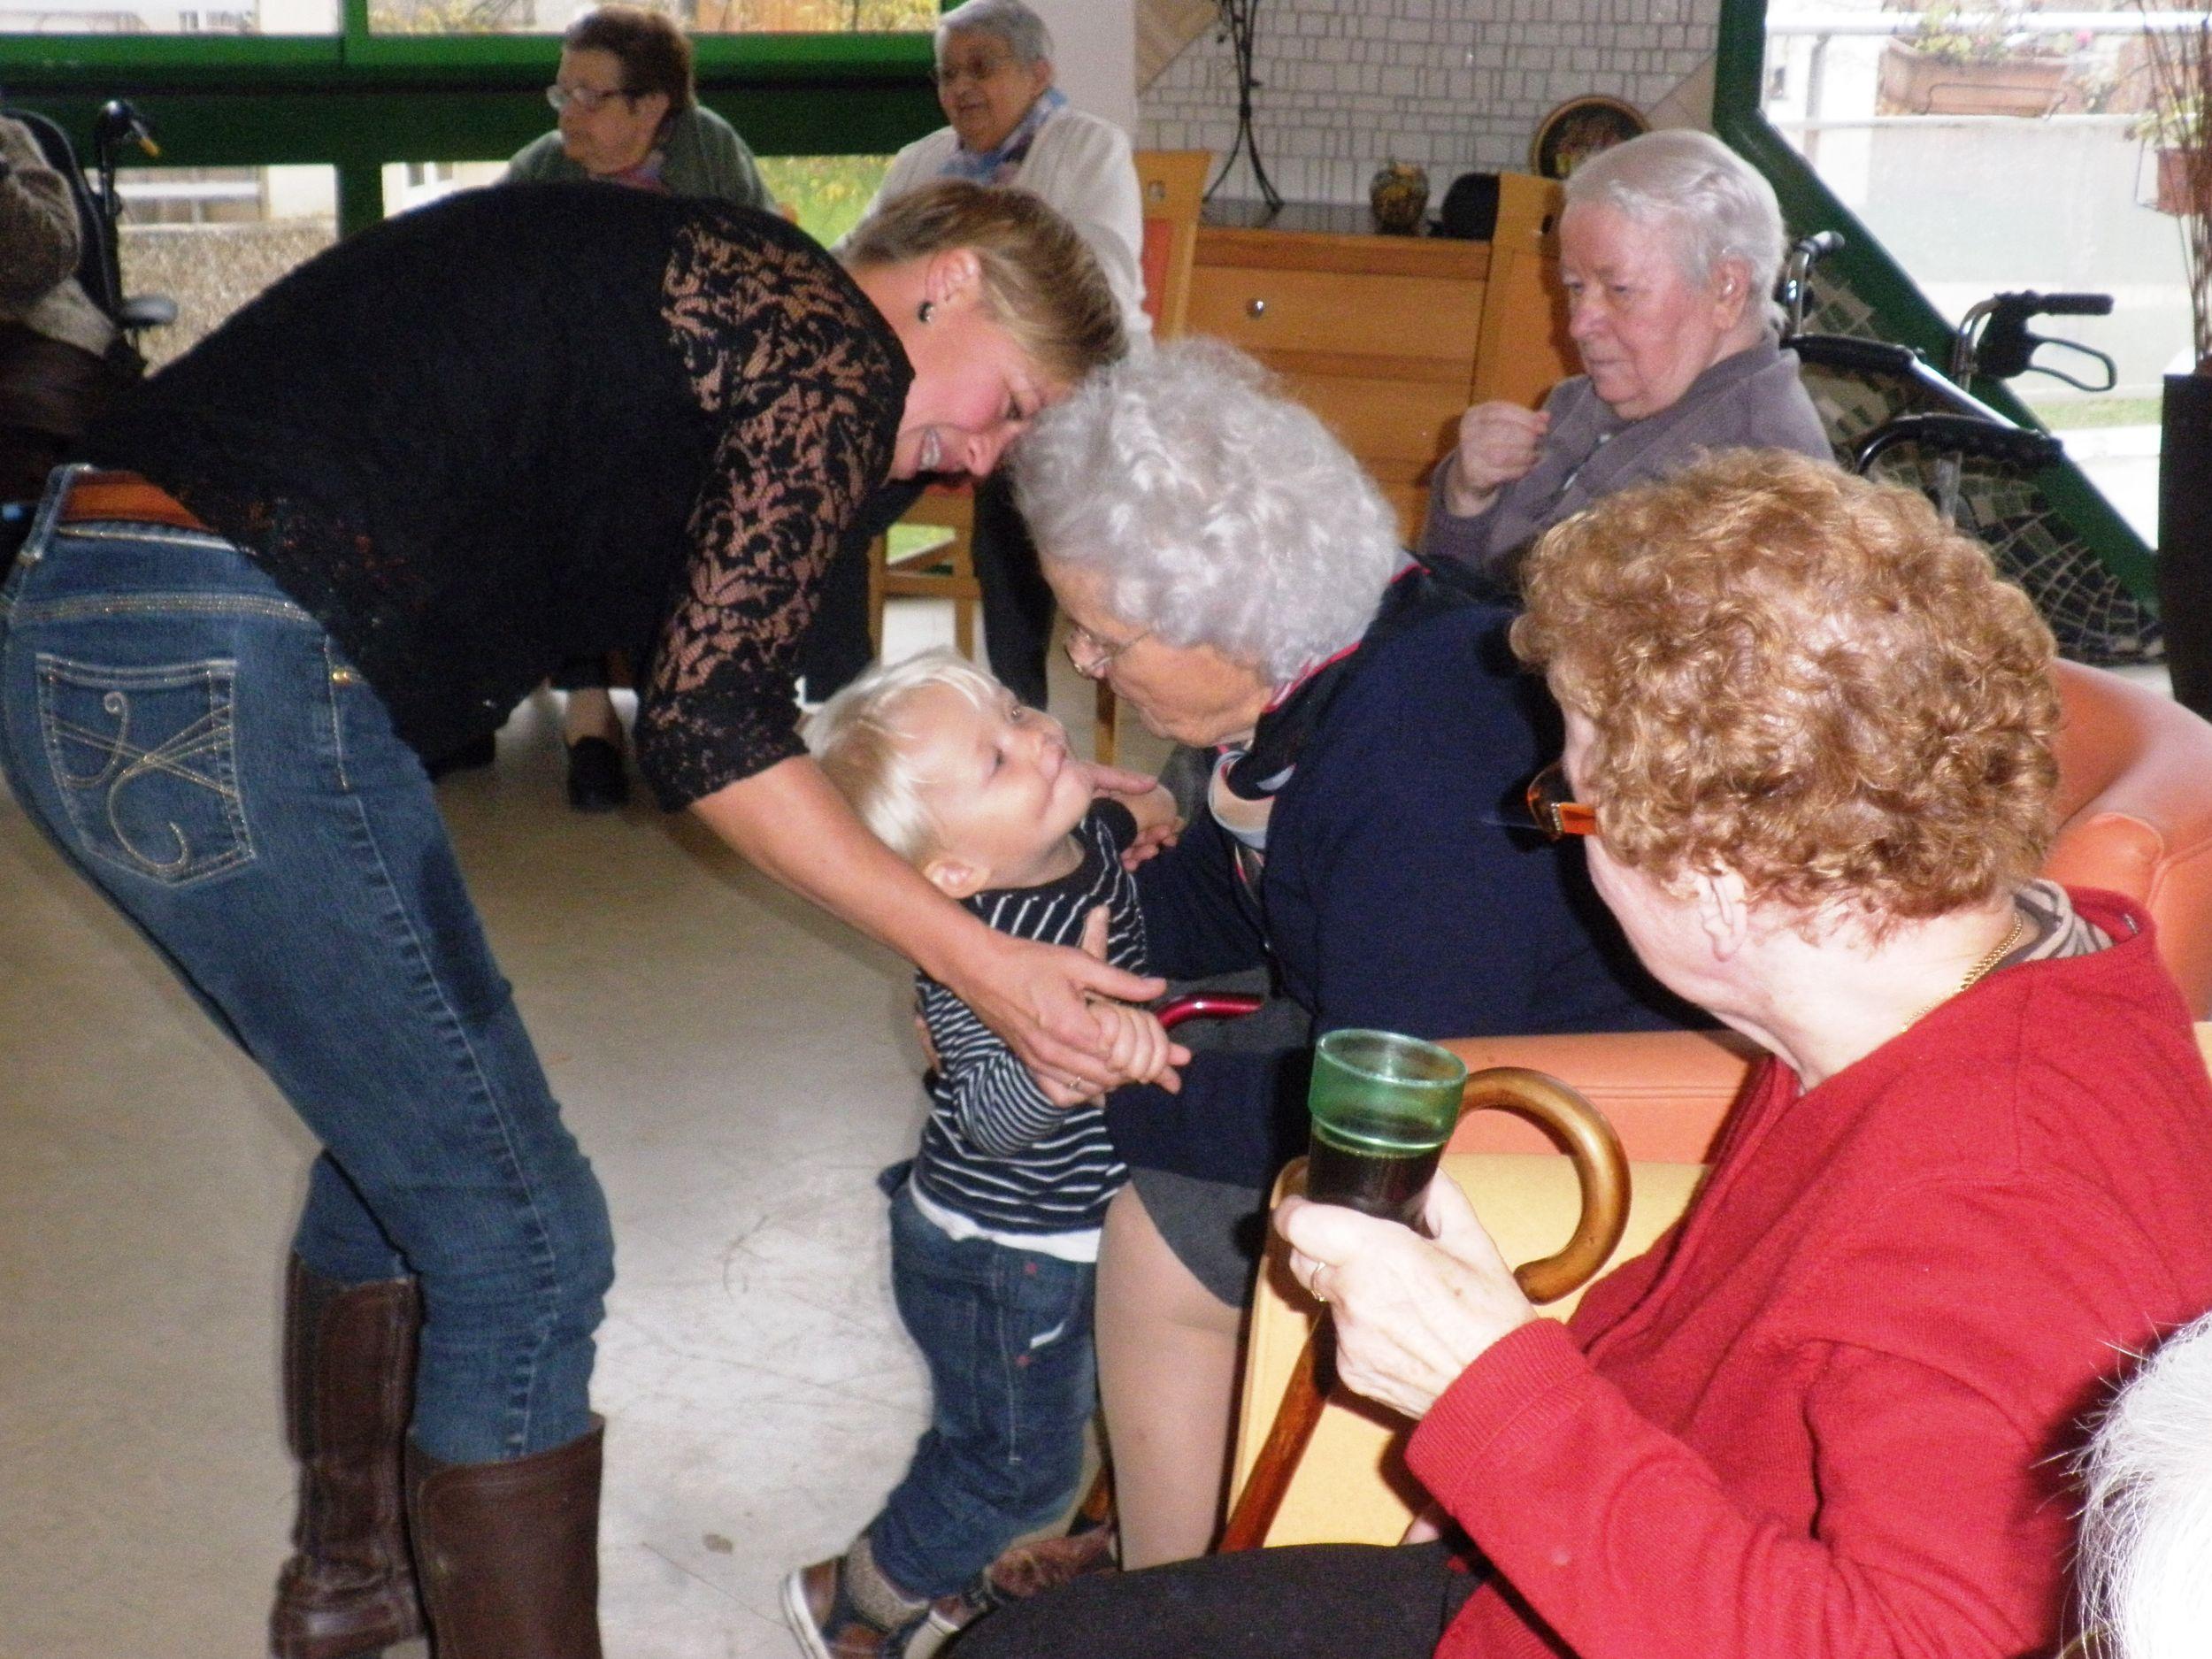 Favoriser les rencontres intergenerationnelles